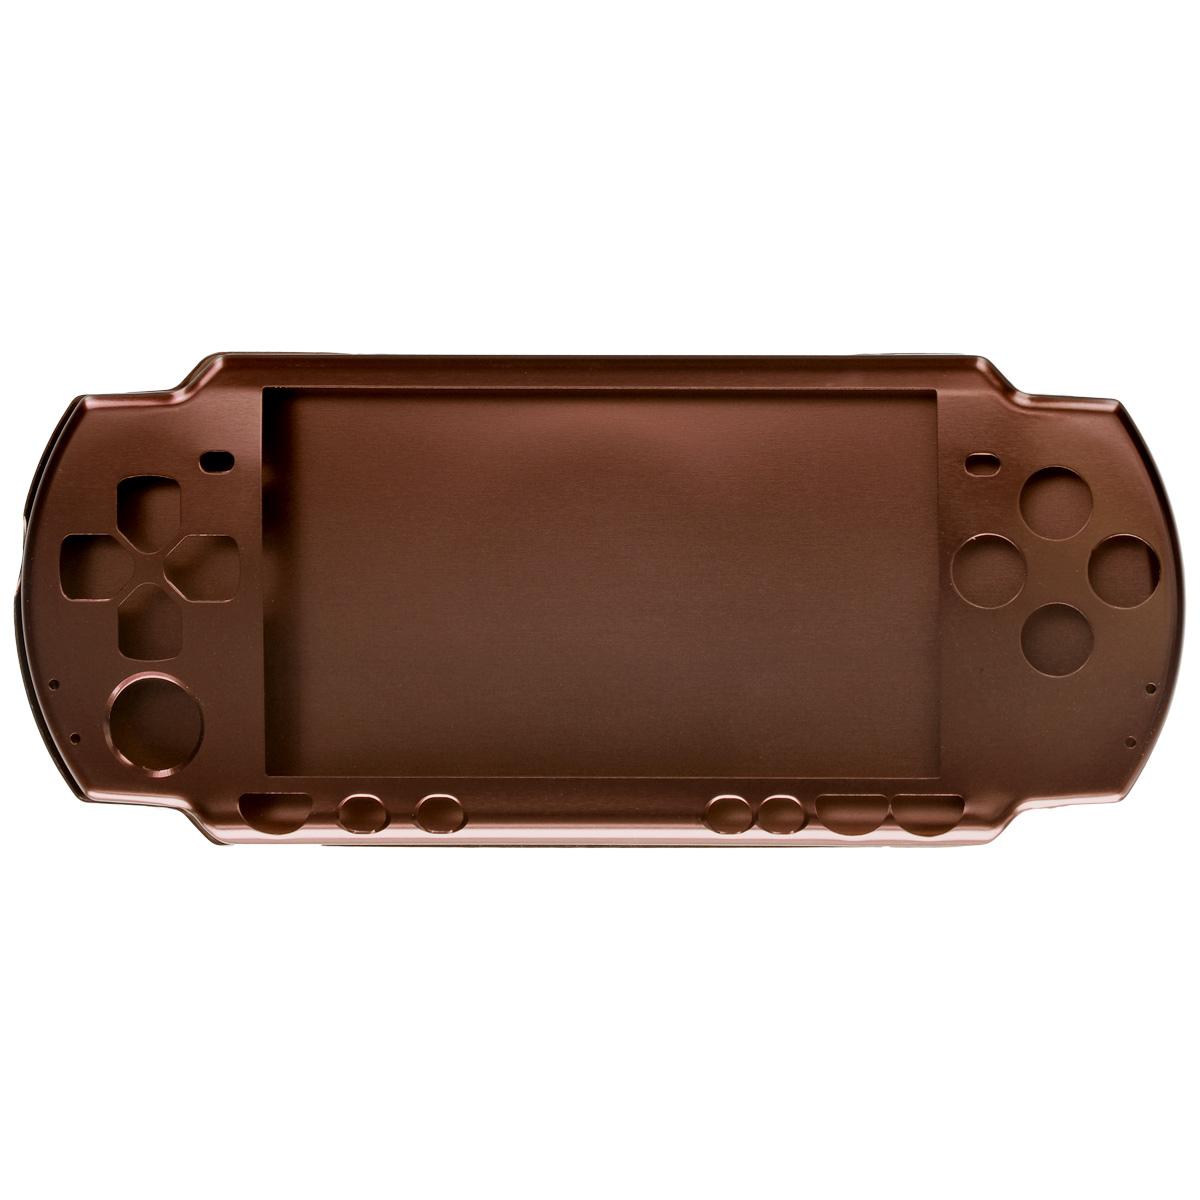 Алюминиевый защитный корпус Game Guru Luxе для Sony PSP 2000/3000 (бронза)PSP2000-Y028Алюминиевый защитный корпус Game Guru Luxе для Sony PSP 2000/3000 обеспечит сохранность вашей игровой приставки. Корпус, выполненный из сверхлегкого металла, обеспечит надежную защиту от царапин, трещин и сколов как во время работы, так и при перевозке, а также сделает использование гаджета более комфортным благодаря свободному доступу ко всем функциональным кнопкам.